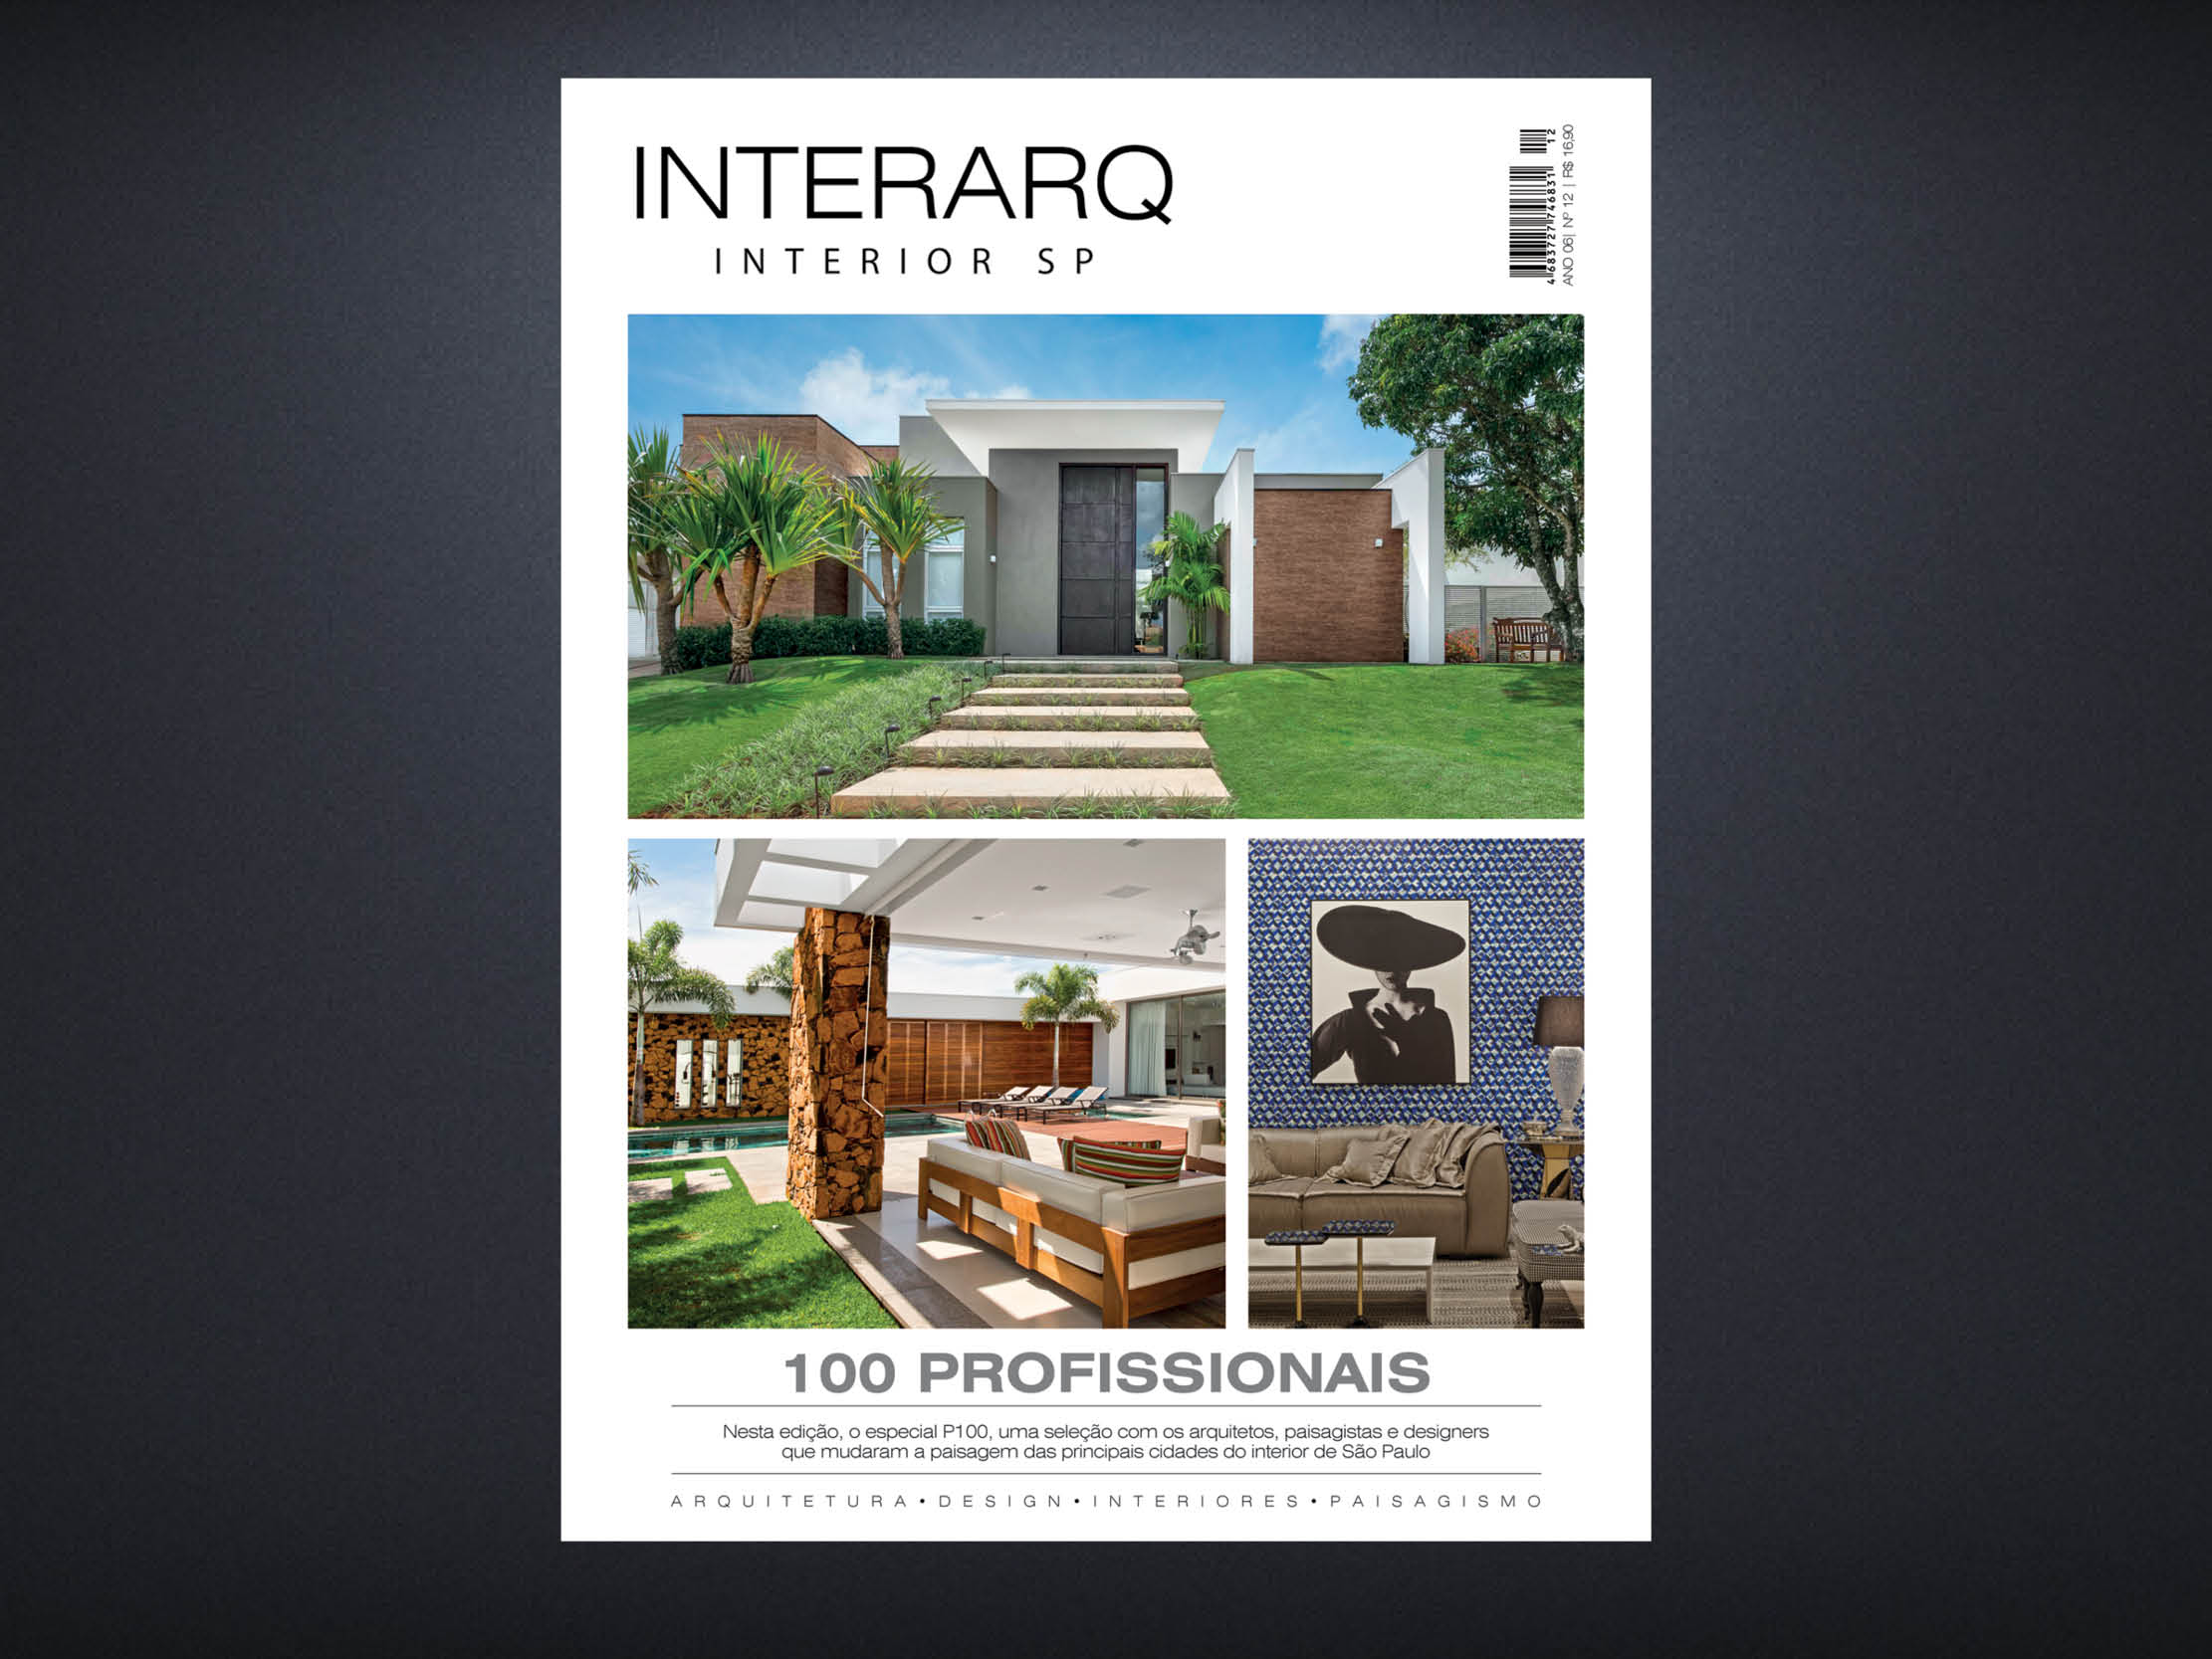 INTERARQ INTERIOR SP 12 - Revista InterArq | Arquitetura, decoração, design, interiores, paisagismo, lifestyle e festas